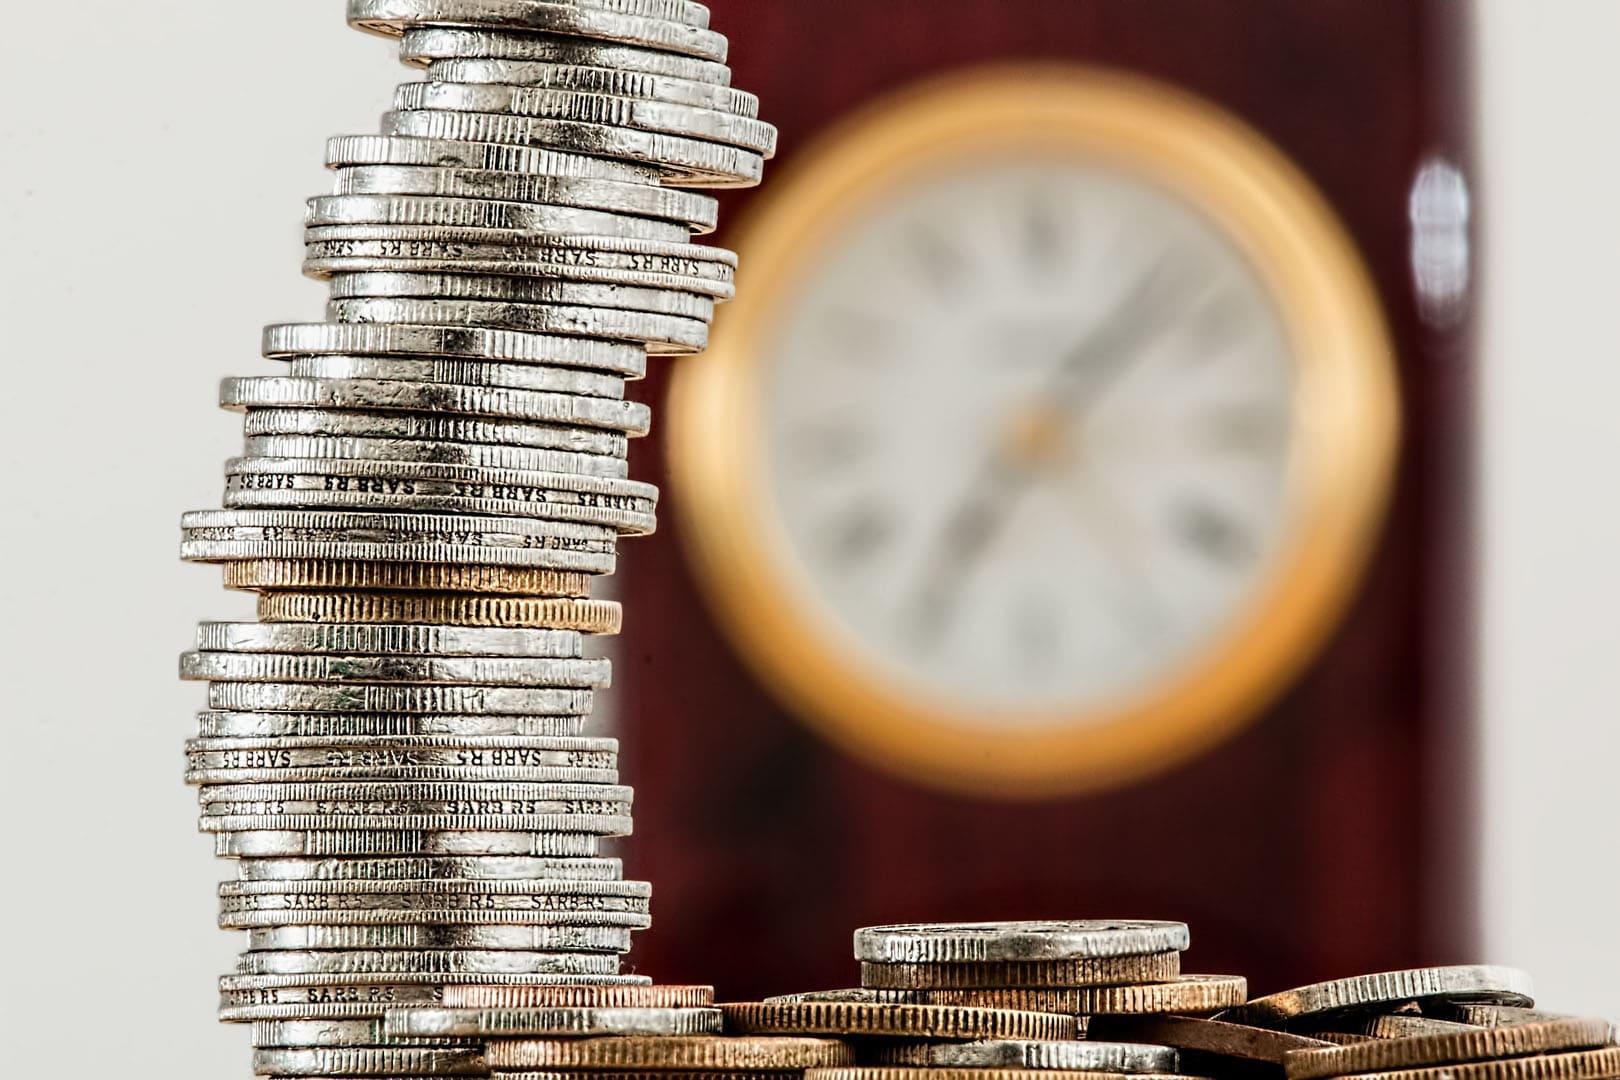 Comment optimiser la gestion de la paie grâce à un SIRH ?